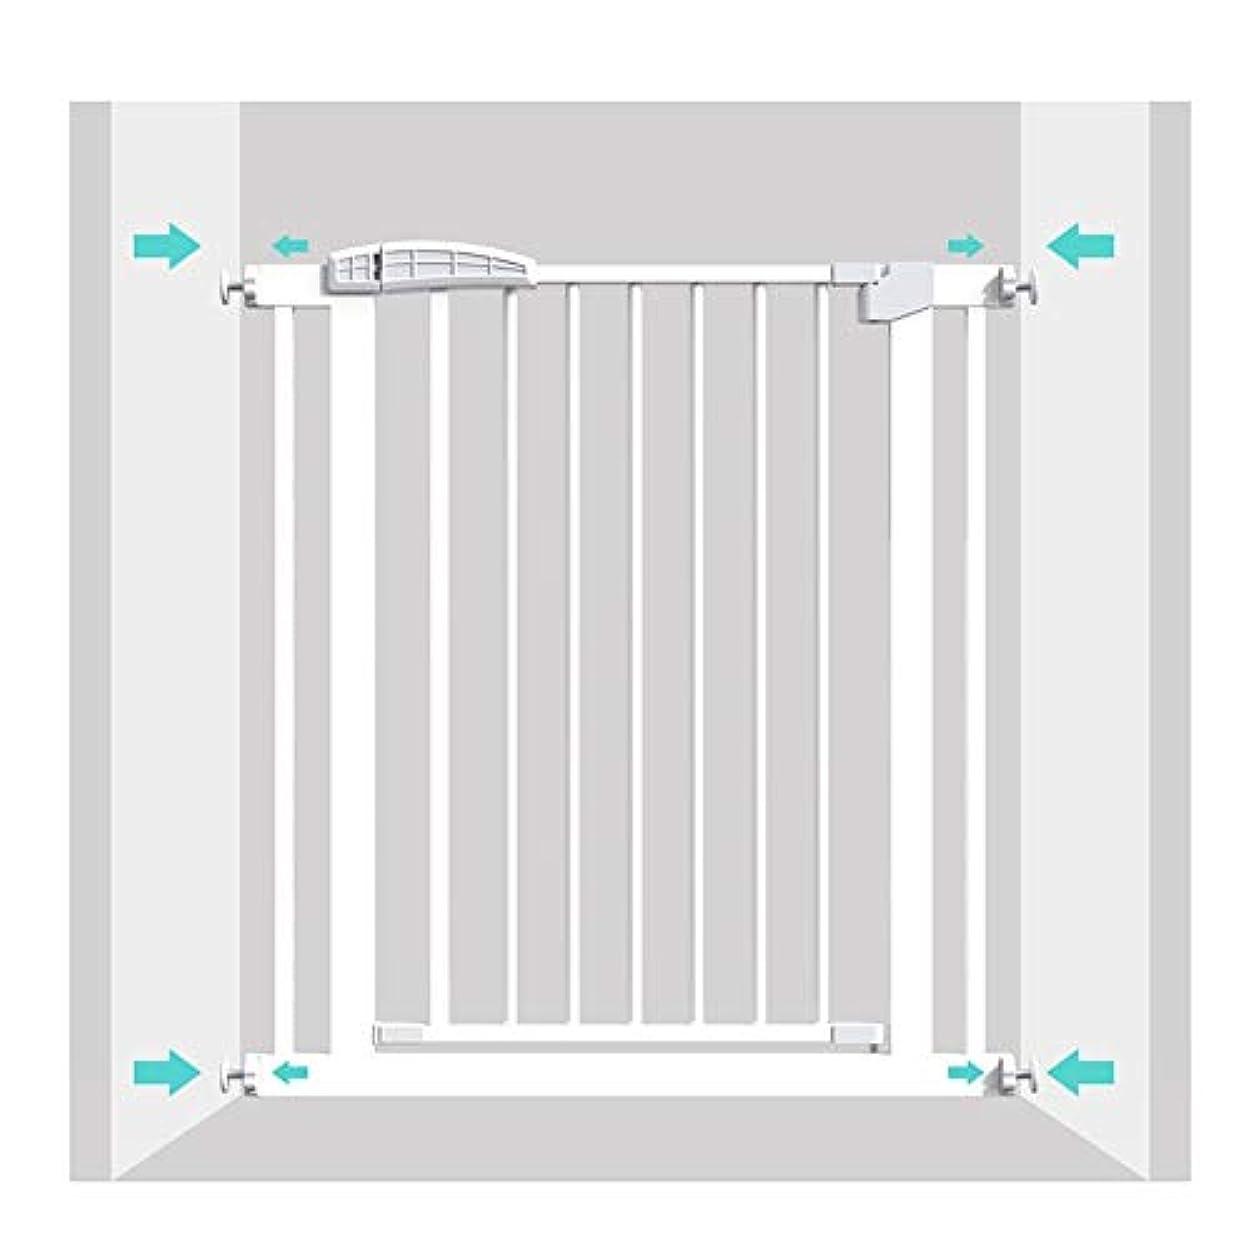 オーナー憧れ防ぐベビーゲートWEIMEI ワイド 階段 ゲート 圧力 装着済み ベビーゲート、 適切な にとって 出入り口、 廊下 そして 階段 - 白い、 身長80 / 100cm (Color : High 80cm, Size : 222-229cm)